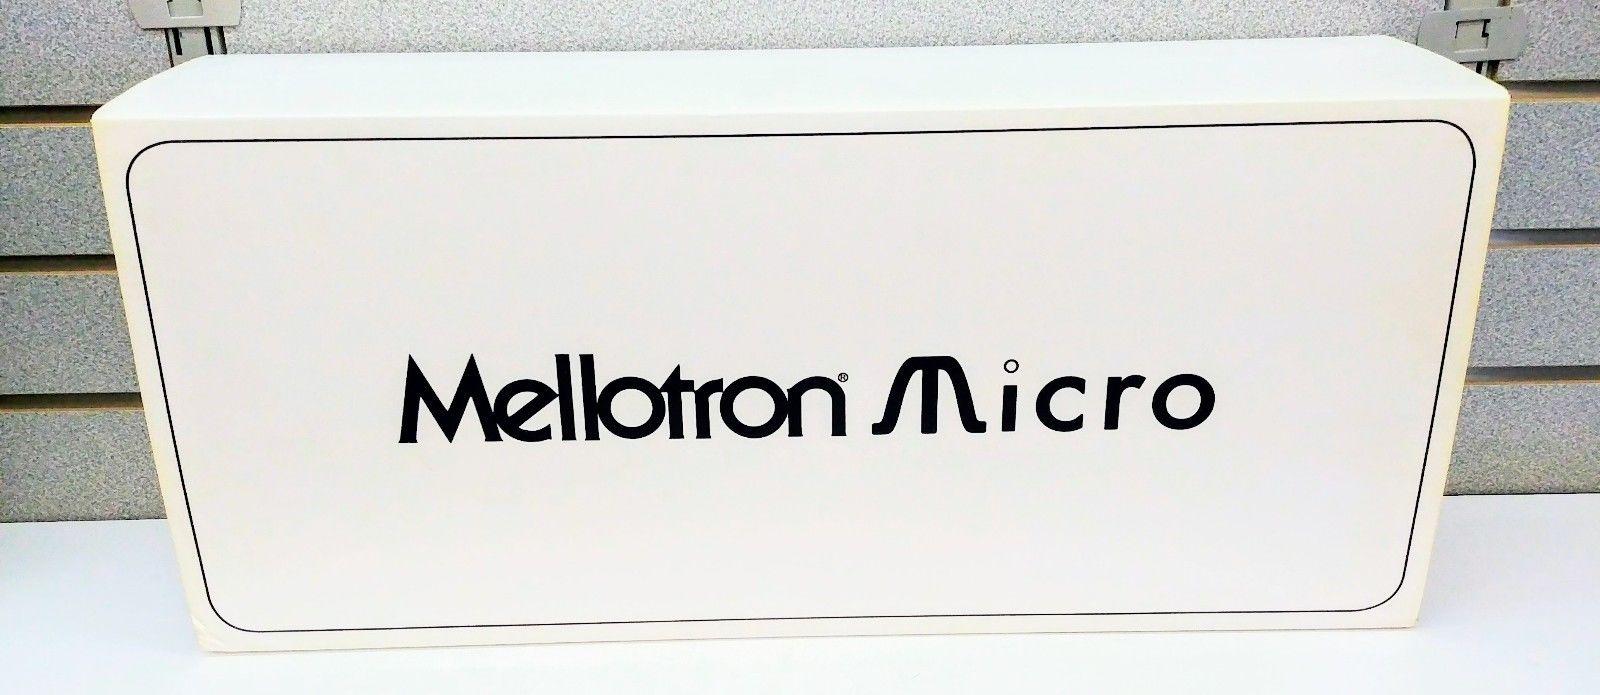 MATRIXSYNTH: Mellotron Micro SN 0041 w/ Original Box